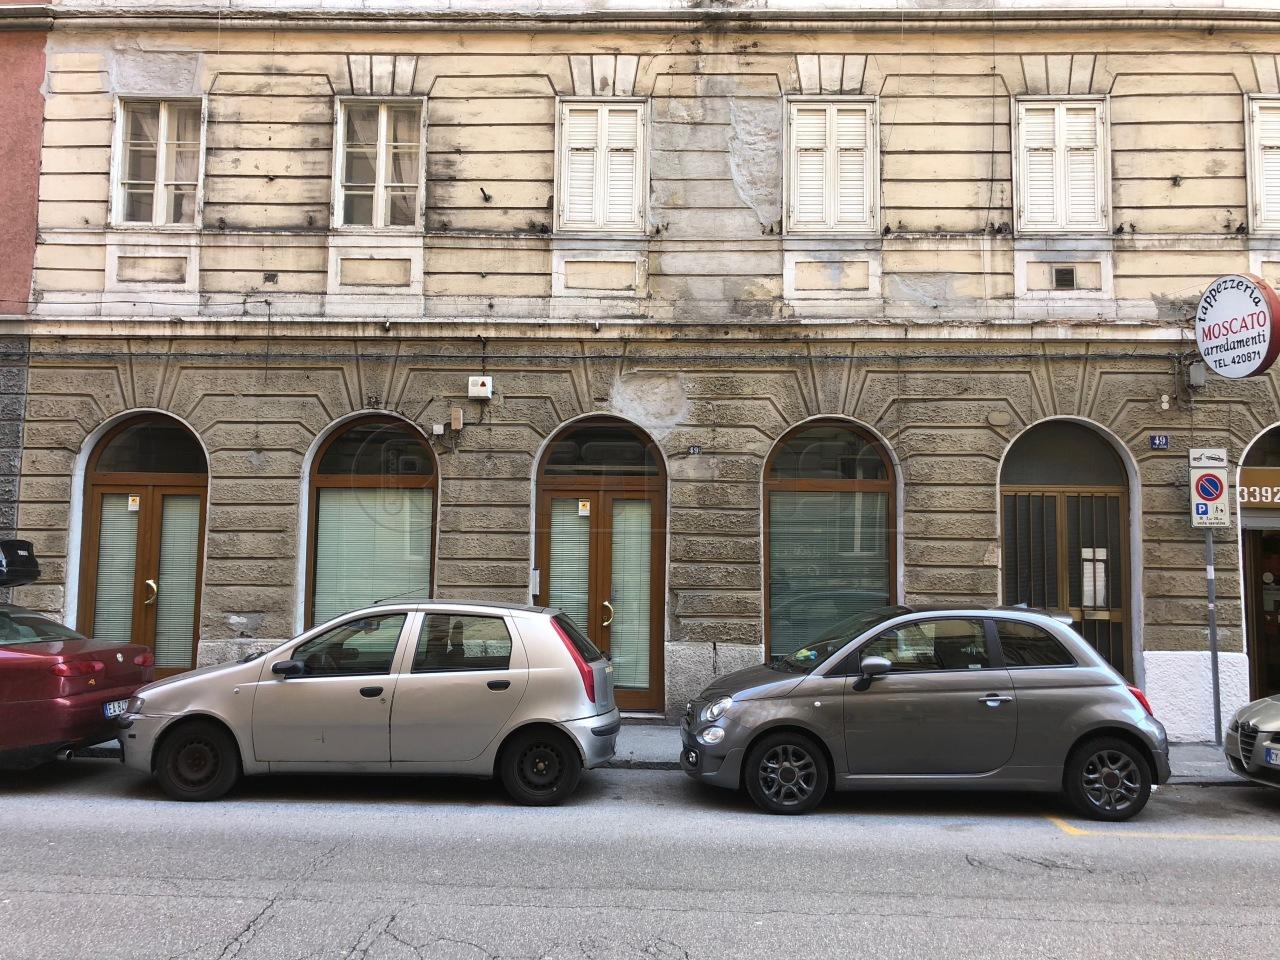 Direzionale - Ufficio a Centro, Trieste